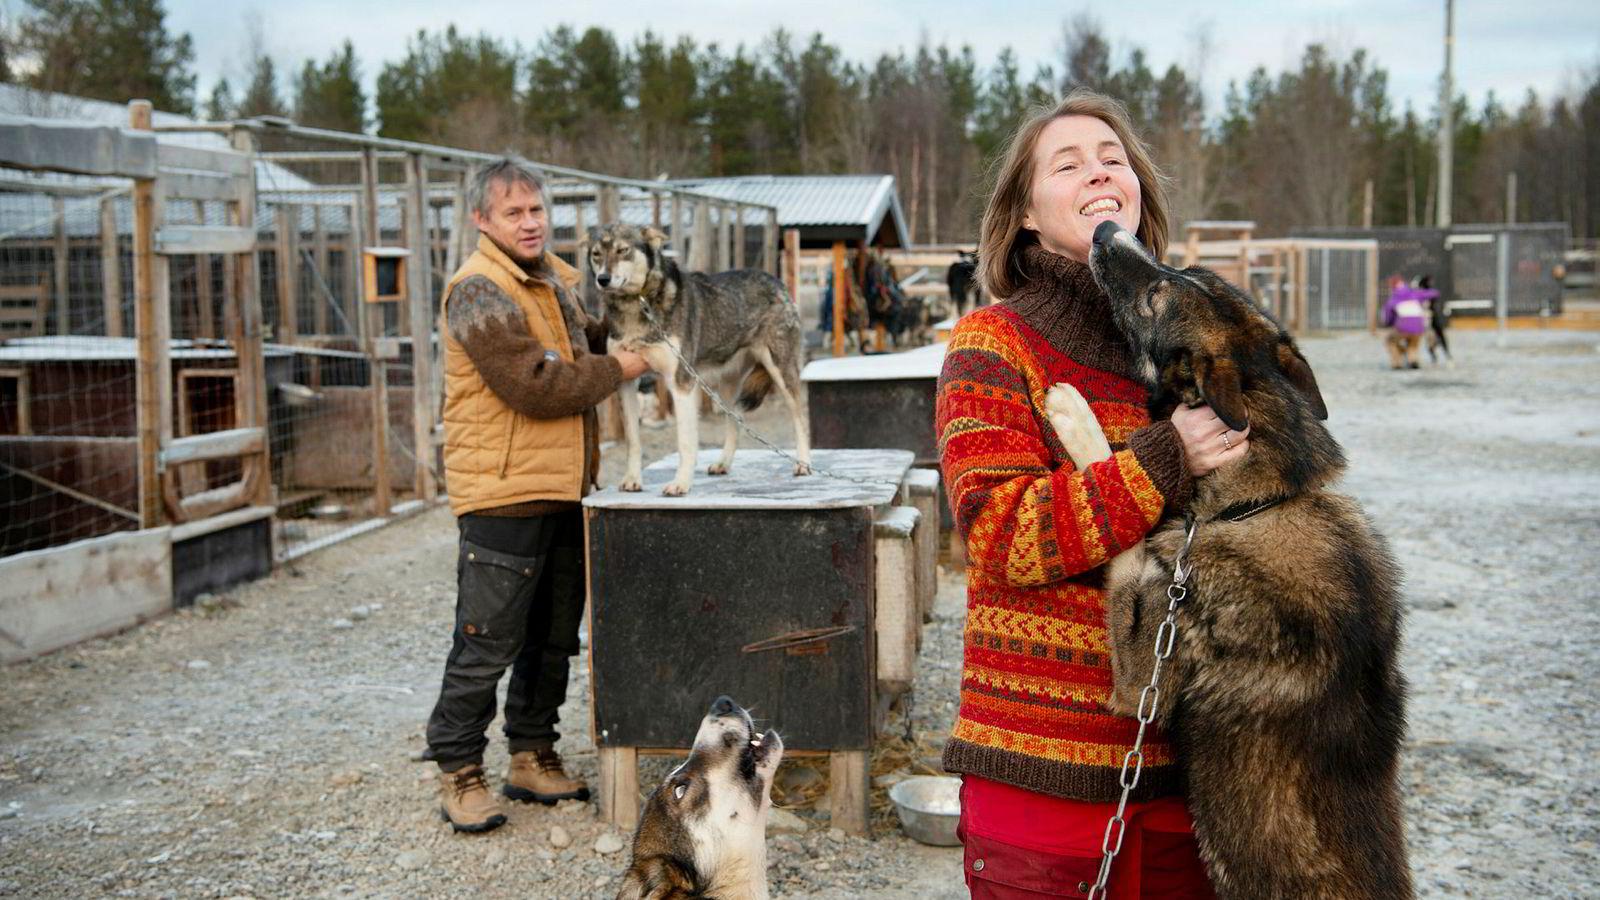 Kokk Johnny Trasti og hundekjører Trine Lyrek i hundegården med Neos og Vans, to av 79 alaskahusky hunder i selskapet Trasti & Trine utenfor Alta i Finnmark. I bakgrunnen hilser datteren Hanne Lyrek på en av hundene.